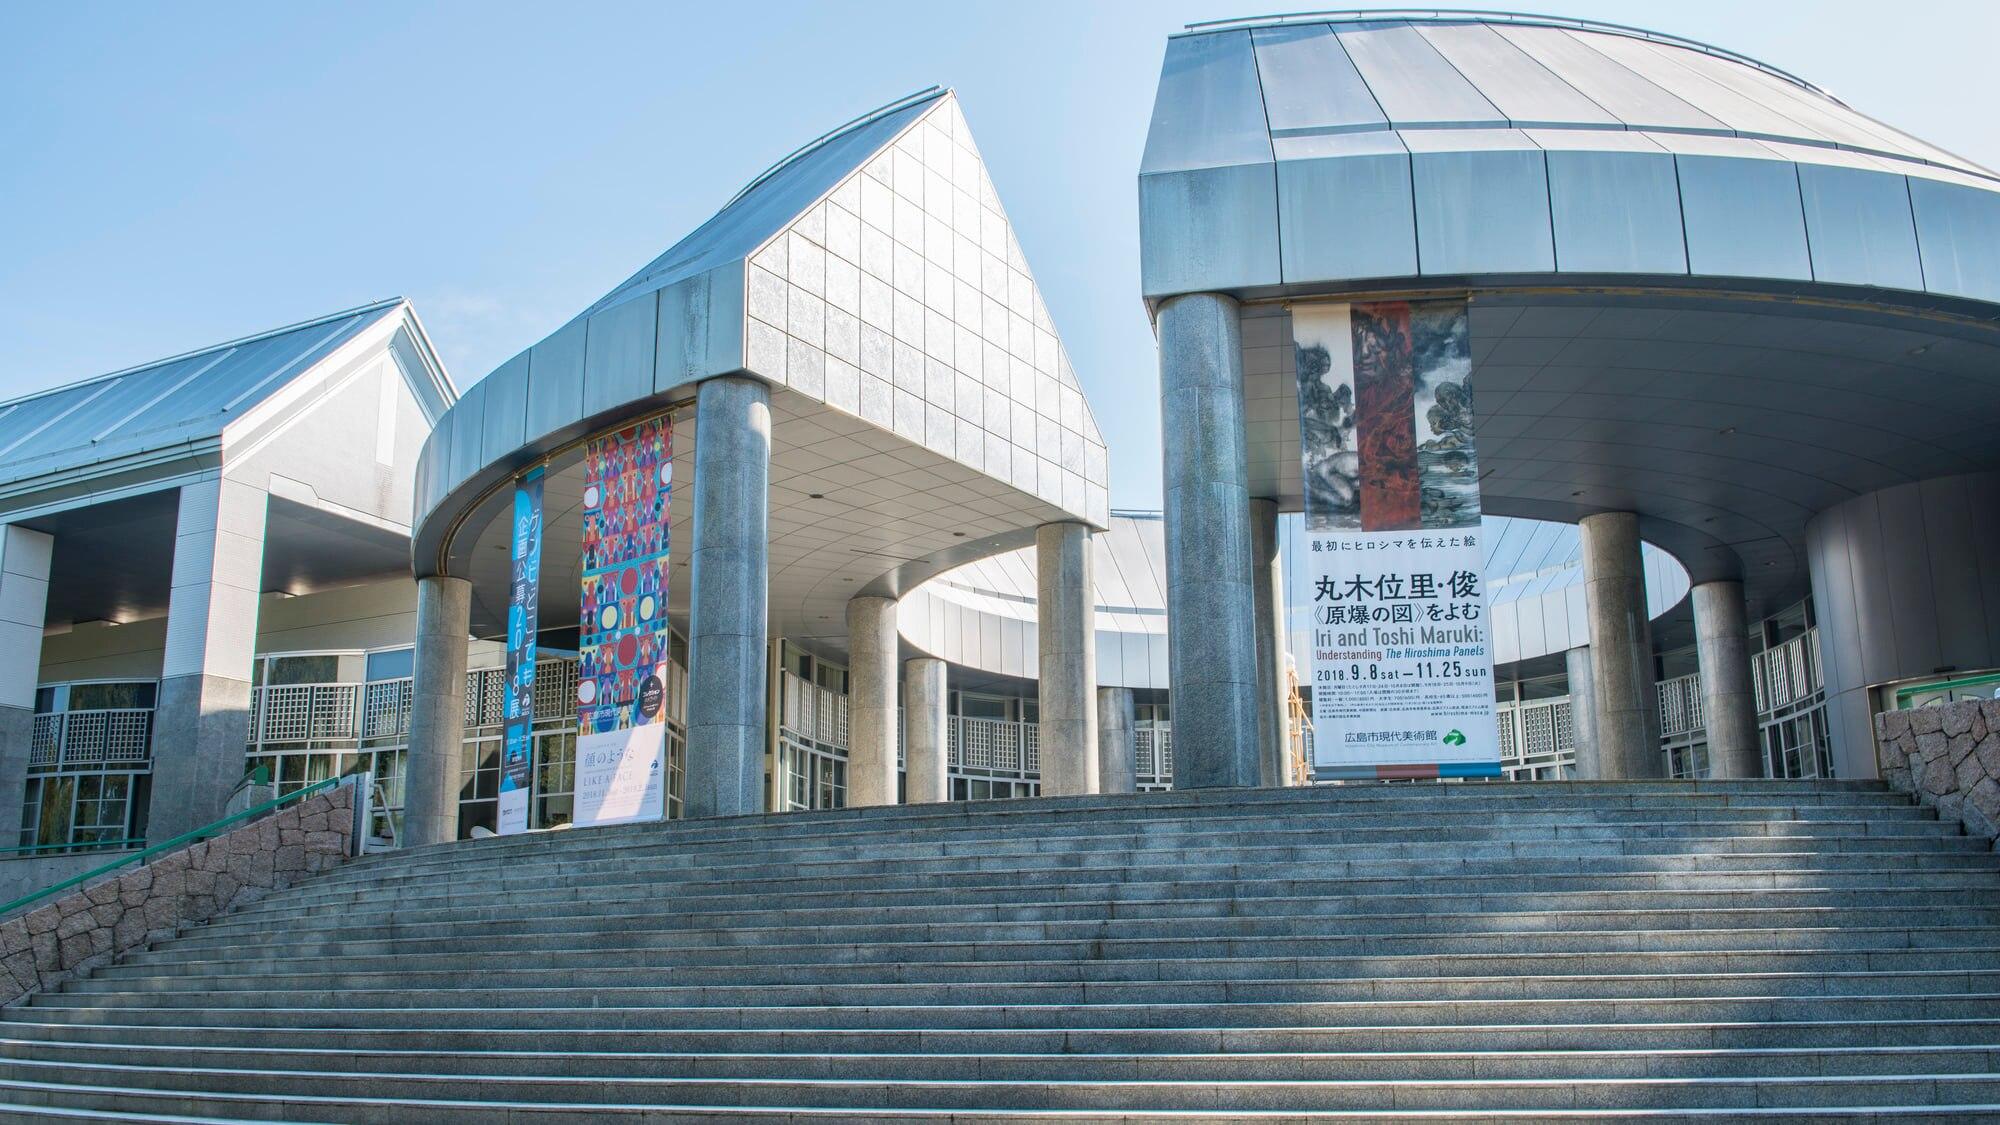 広島市現代美術館と周辺の見どころは? 週末のおでかけはここで決まり!